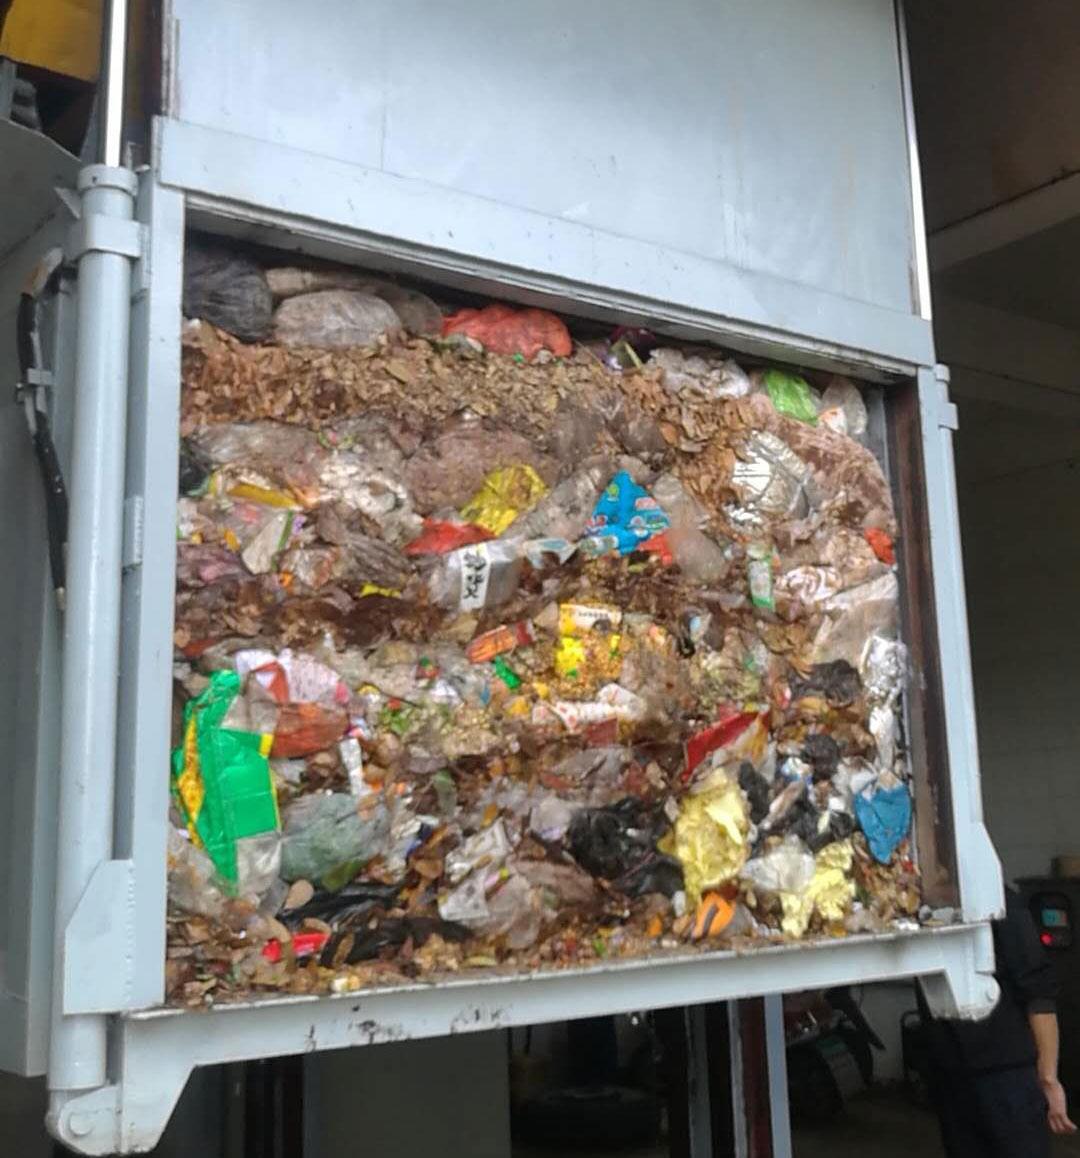 垂直式垃圾压缩机压缩后的垃圾状态